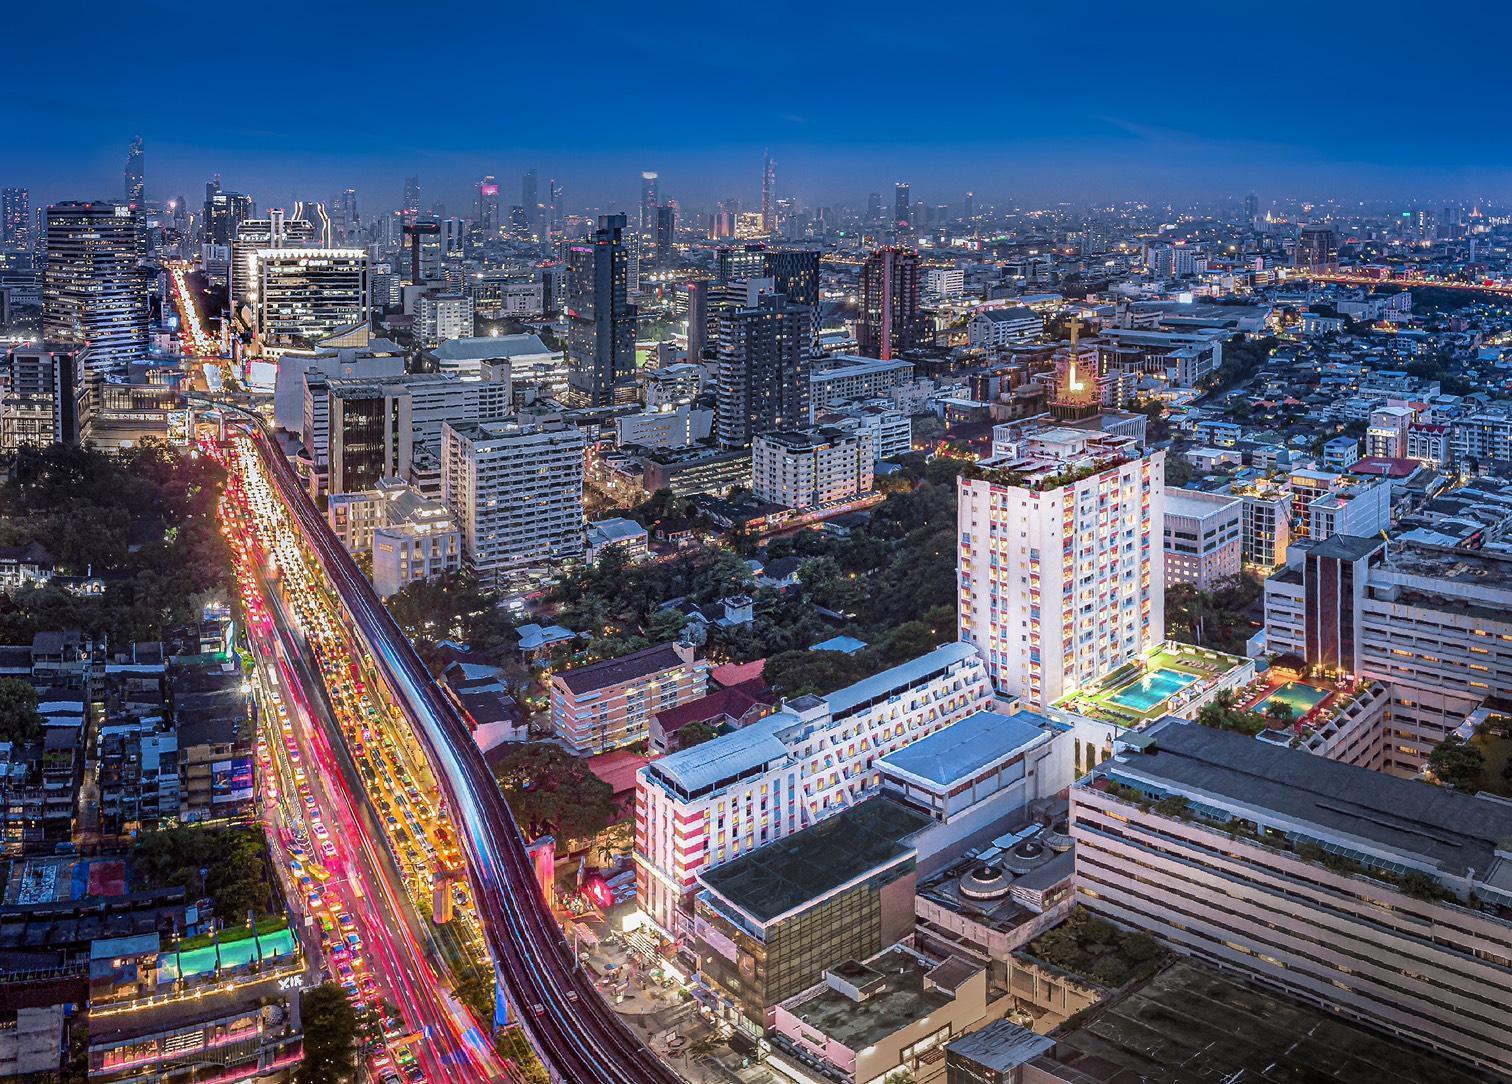 Evergreen Place Siam by UHG เอเวอร์กรีน เพลส สยาม บาย ยูเอชจี